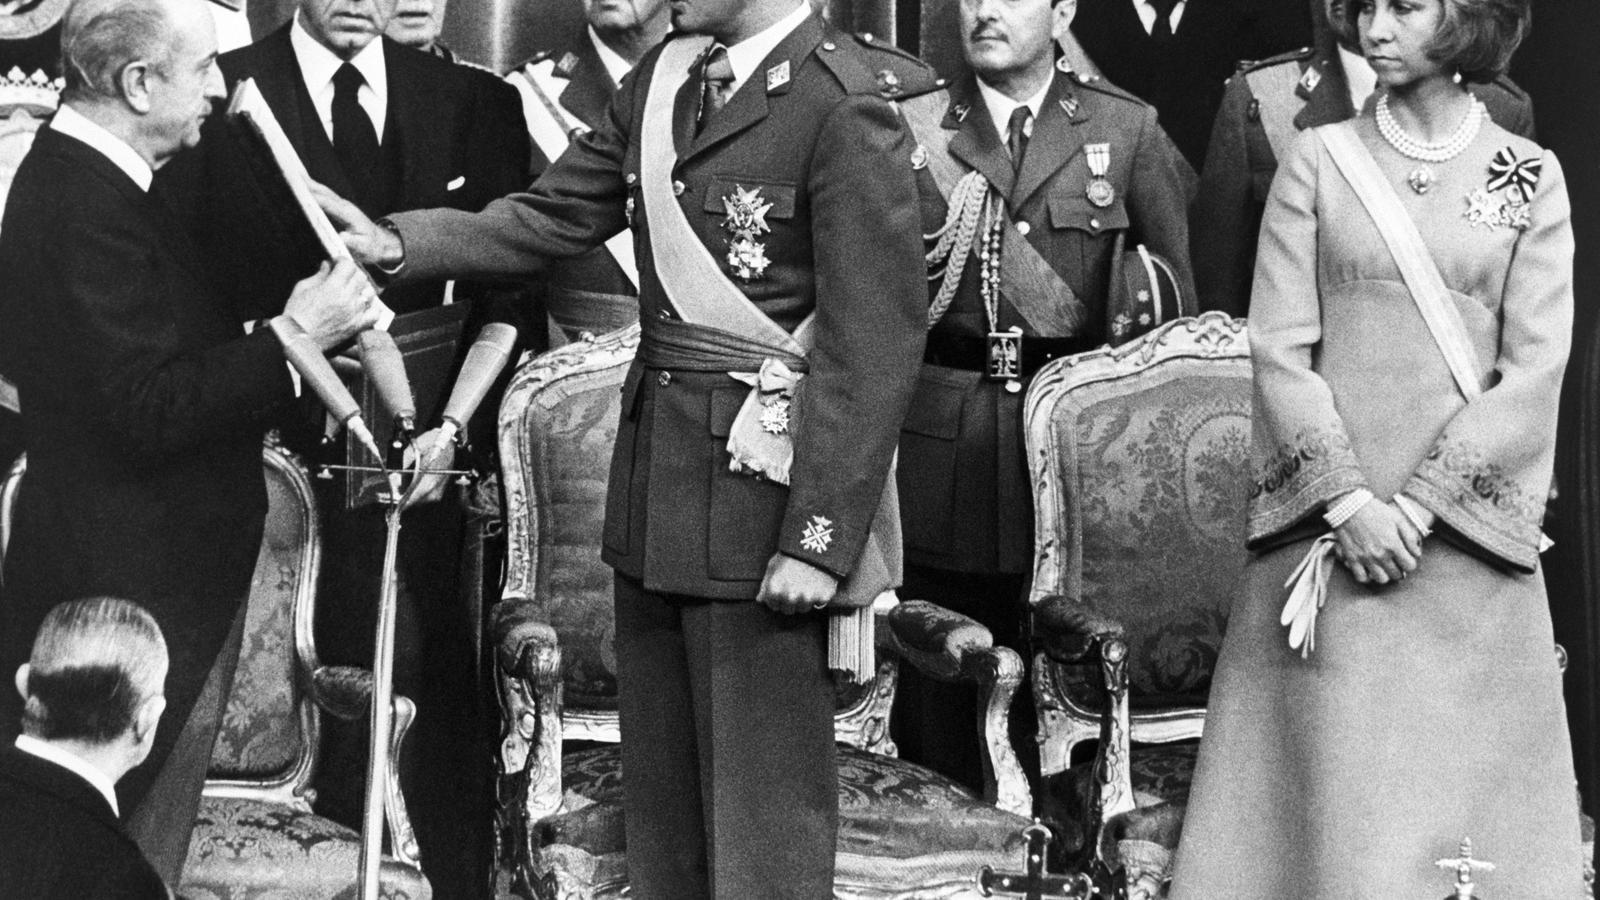 Imatge d'arxiu de Joan Carles de Borbó durant l'acte de proclamació com a rei d'Espanya, el 22 de novembre de 1975